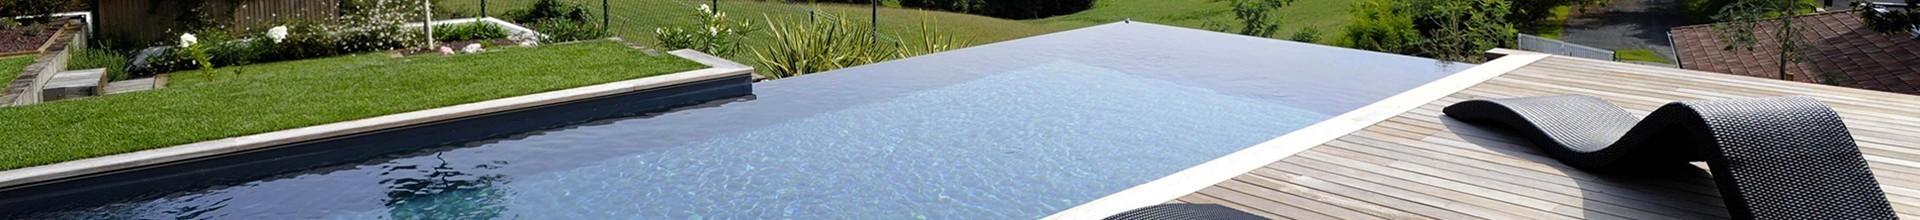 Pays : Luxembourg Fabricant d'une piscine révolutionnaire et innovante